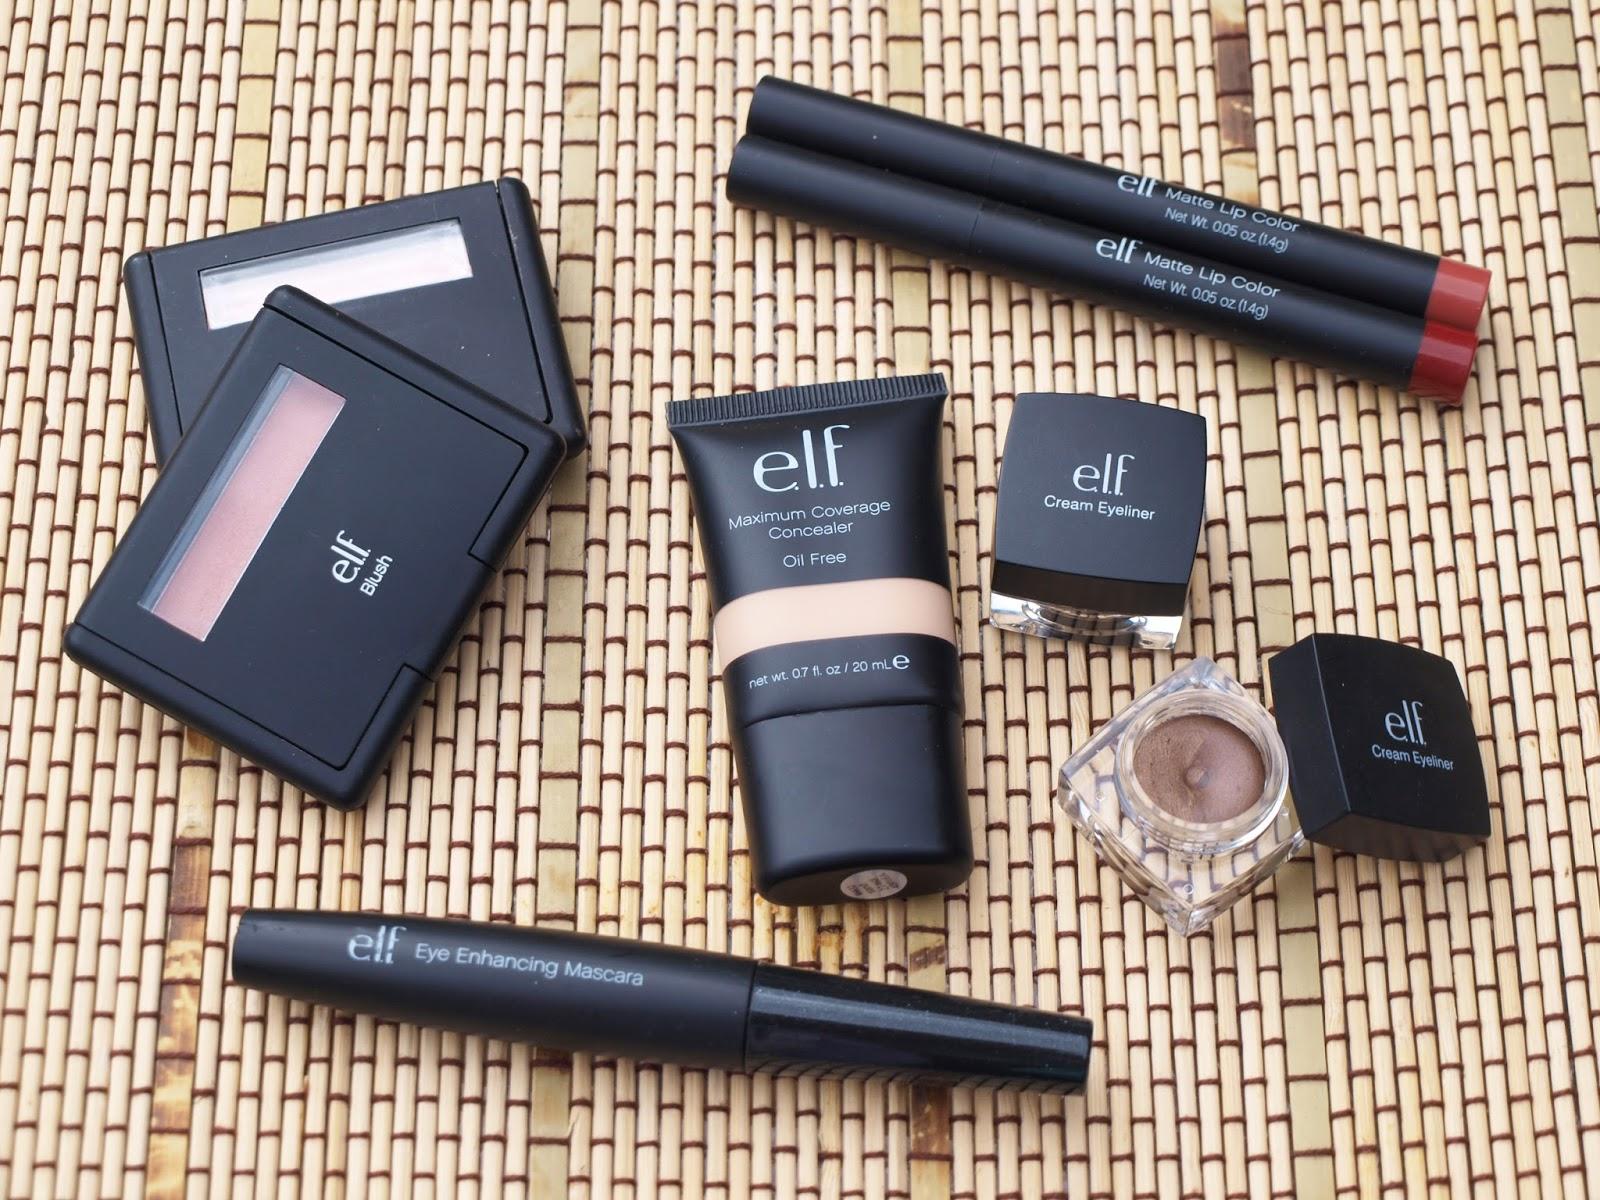 Elf Cosmetics Stephii Mattea Studio Eye Enhancing Mascara